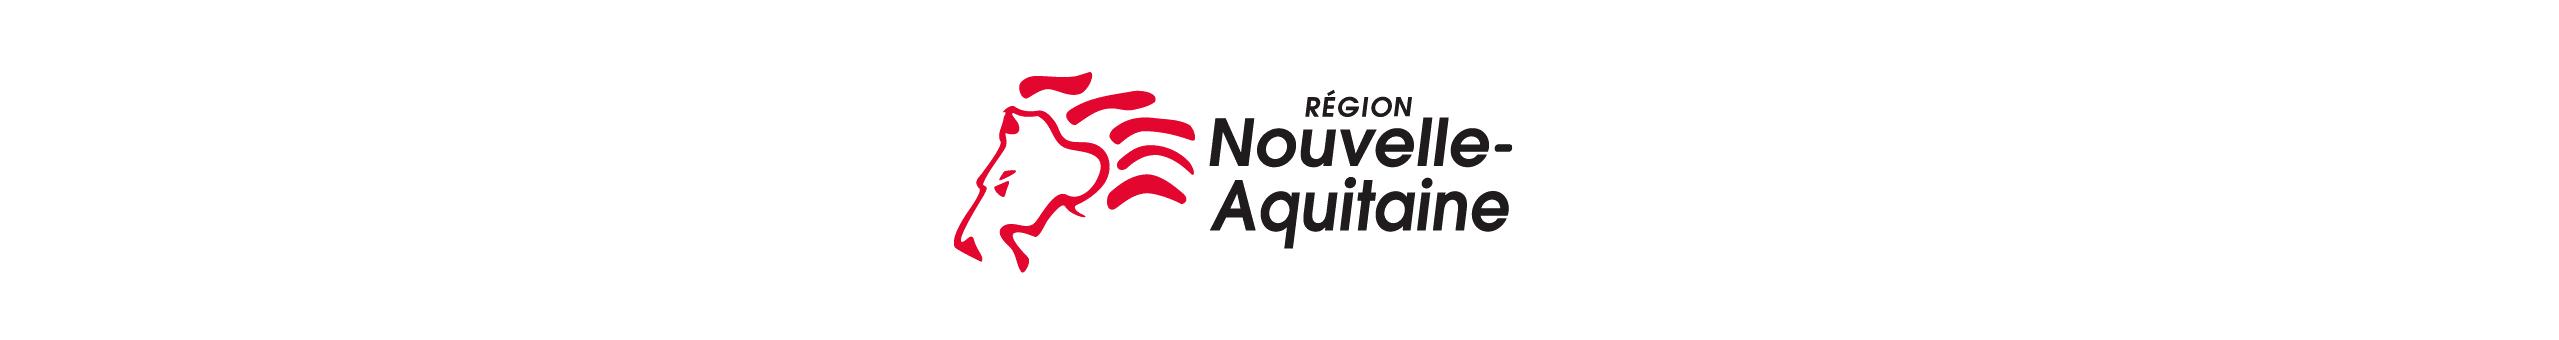 Logo della regione Nouvelle Aquitaine